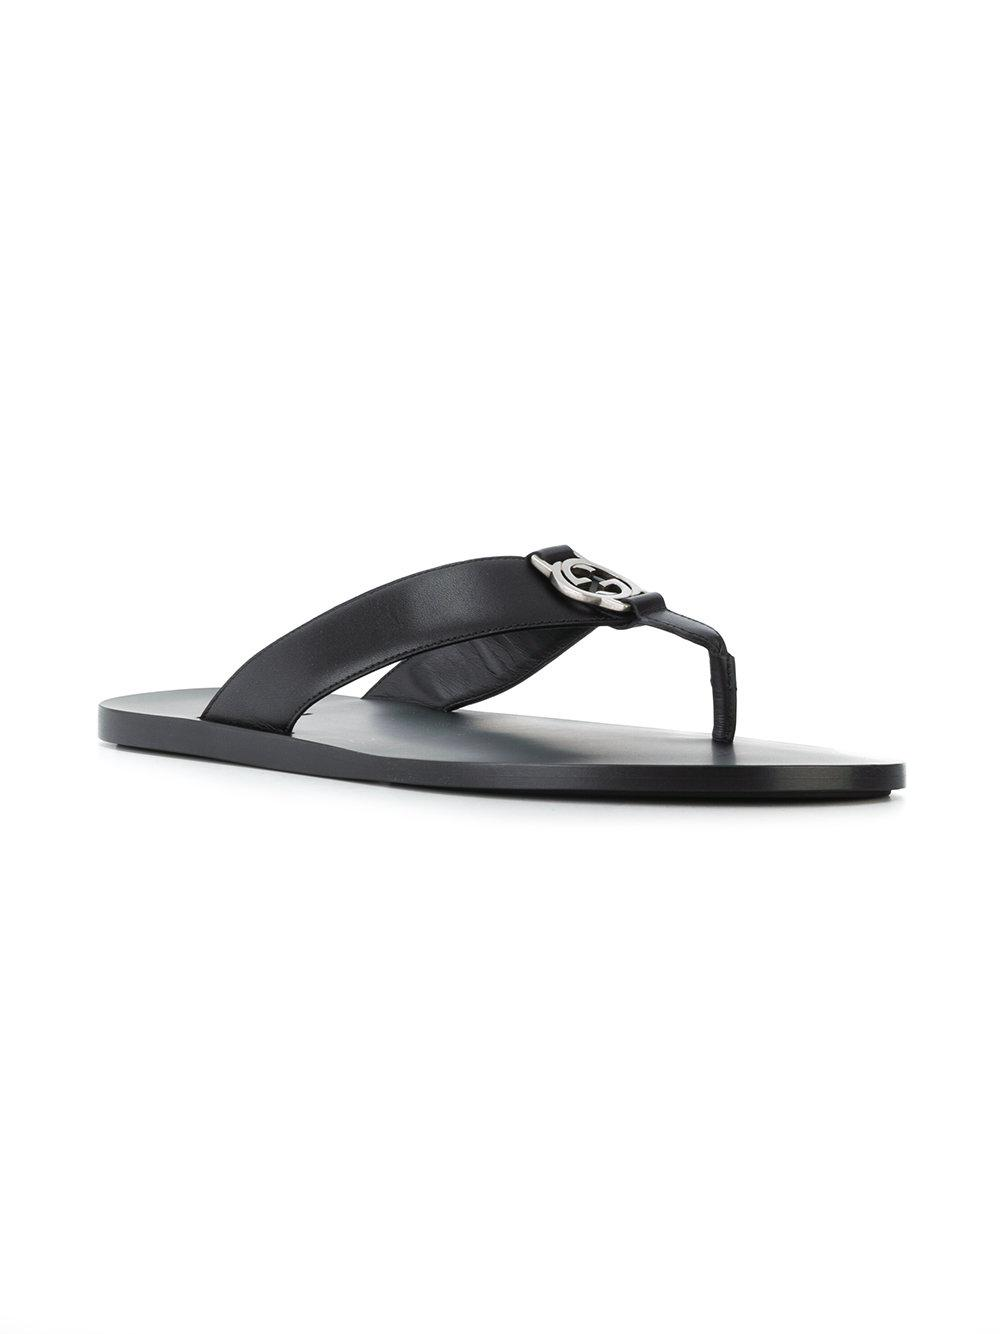 9300754642fc56 Gucci - Black Logo Plaque Thong Sandals for Men - Lyst. View fullscreen